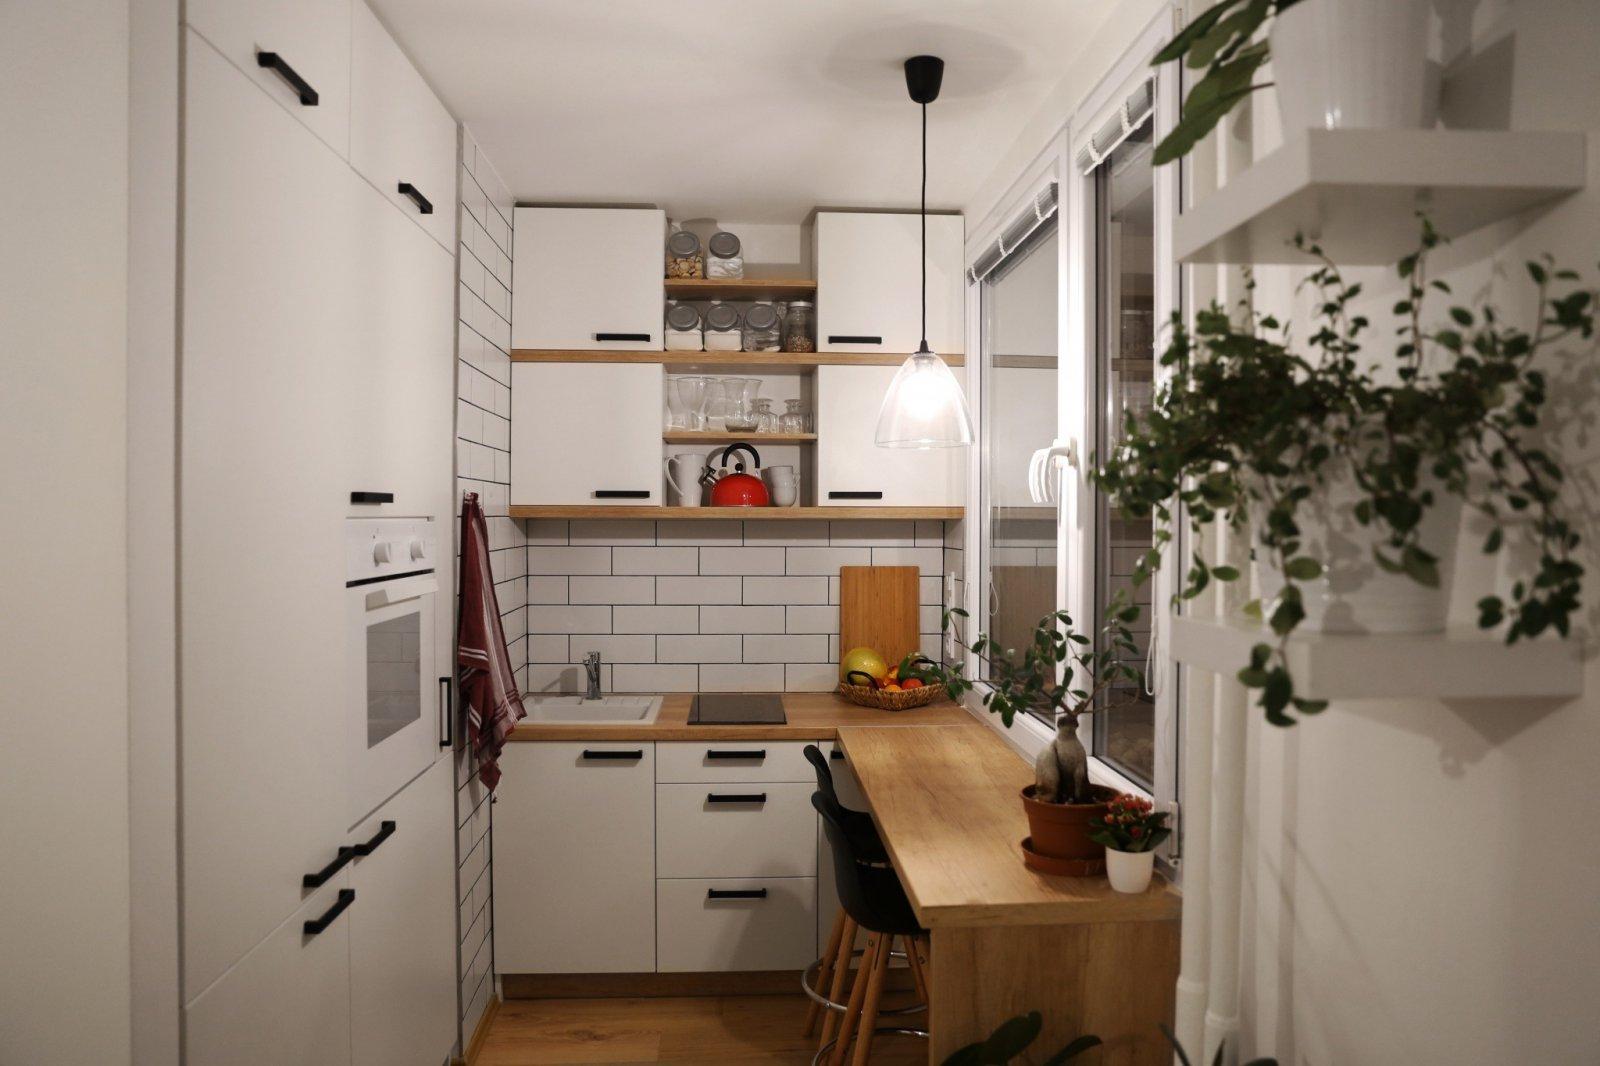 shutterstock 755748241 - 5 dicas para organizar cozinha pequena